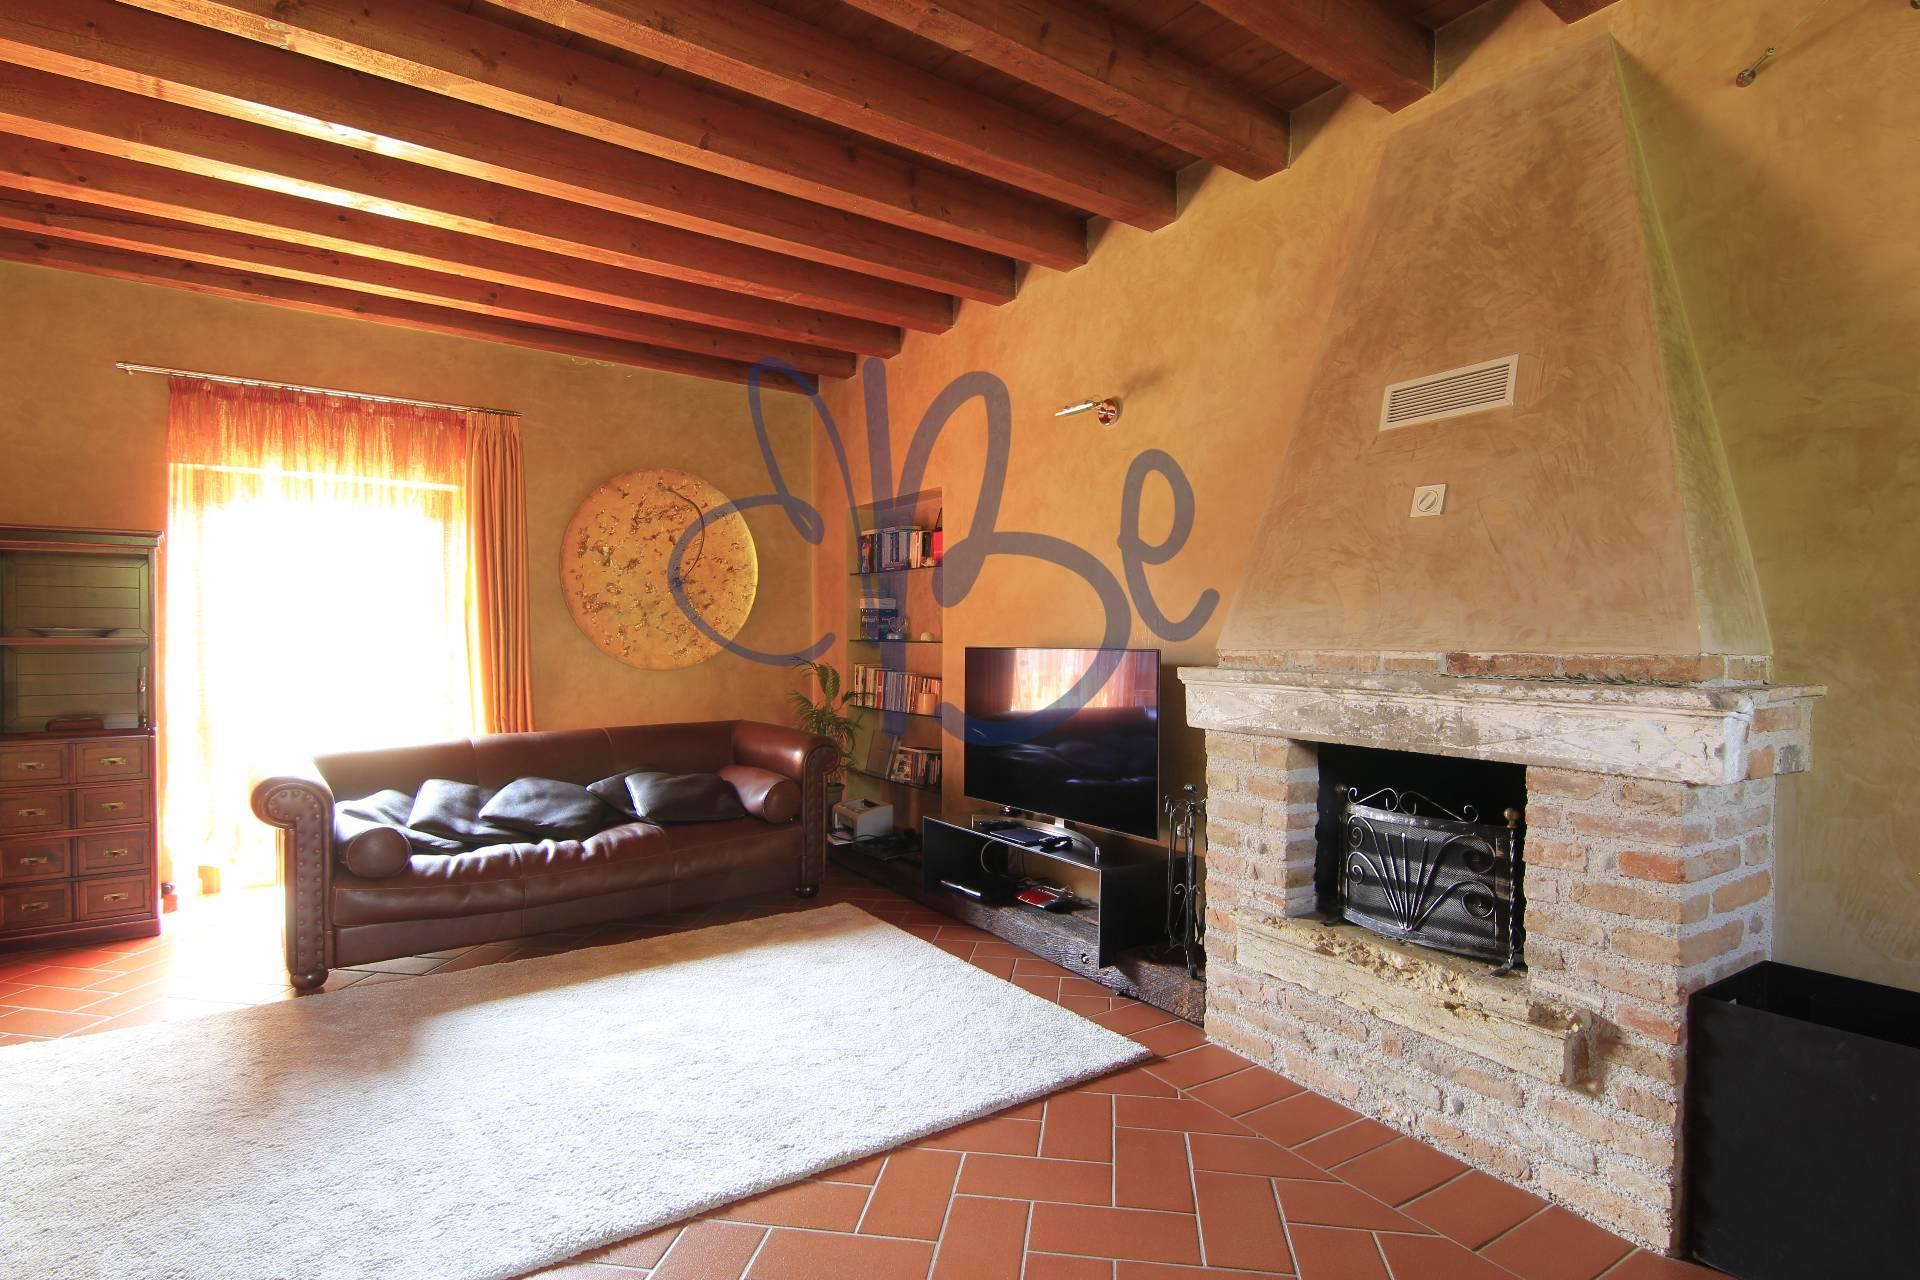 Appartamento in vendita a Salò, 3 locali, zona Zona: Cunettone, prezzo € 260.000 | CambioCasa.it